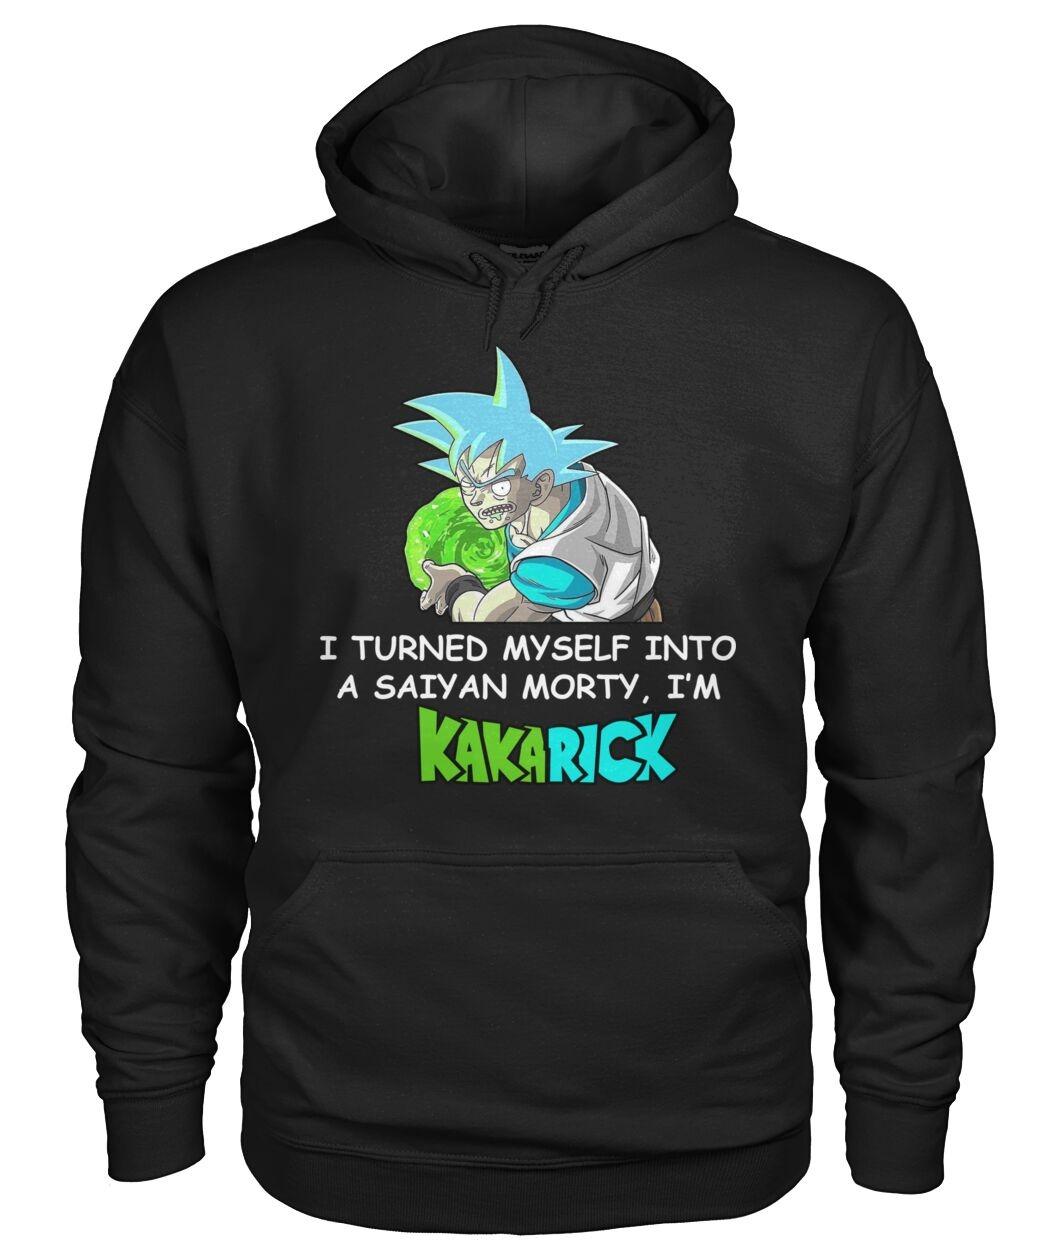 I turned myself into a Saiyan Morty I'm Kakarick Hoodie